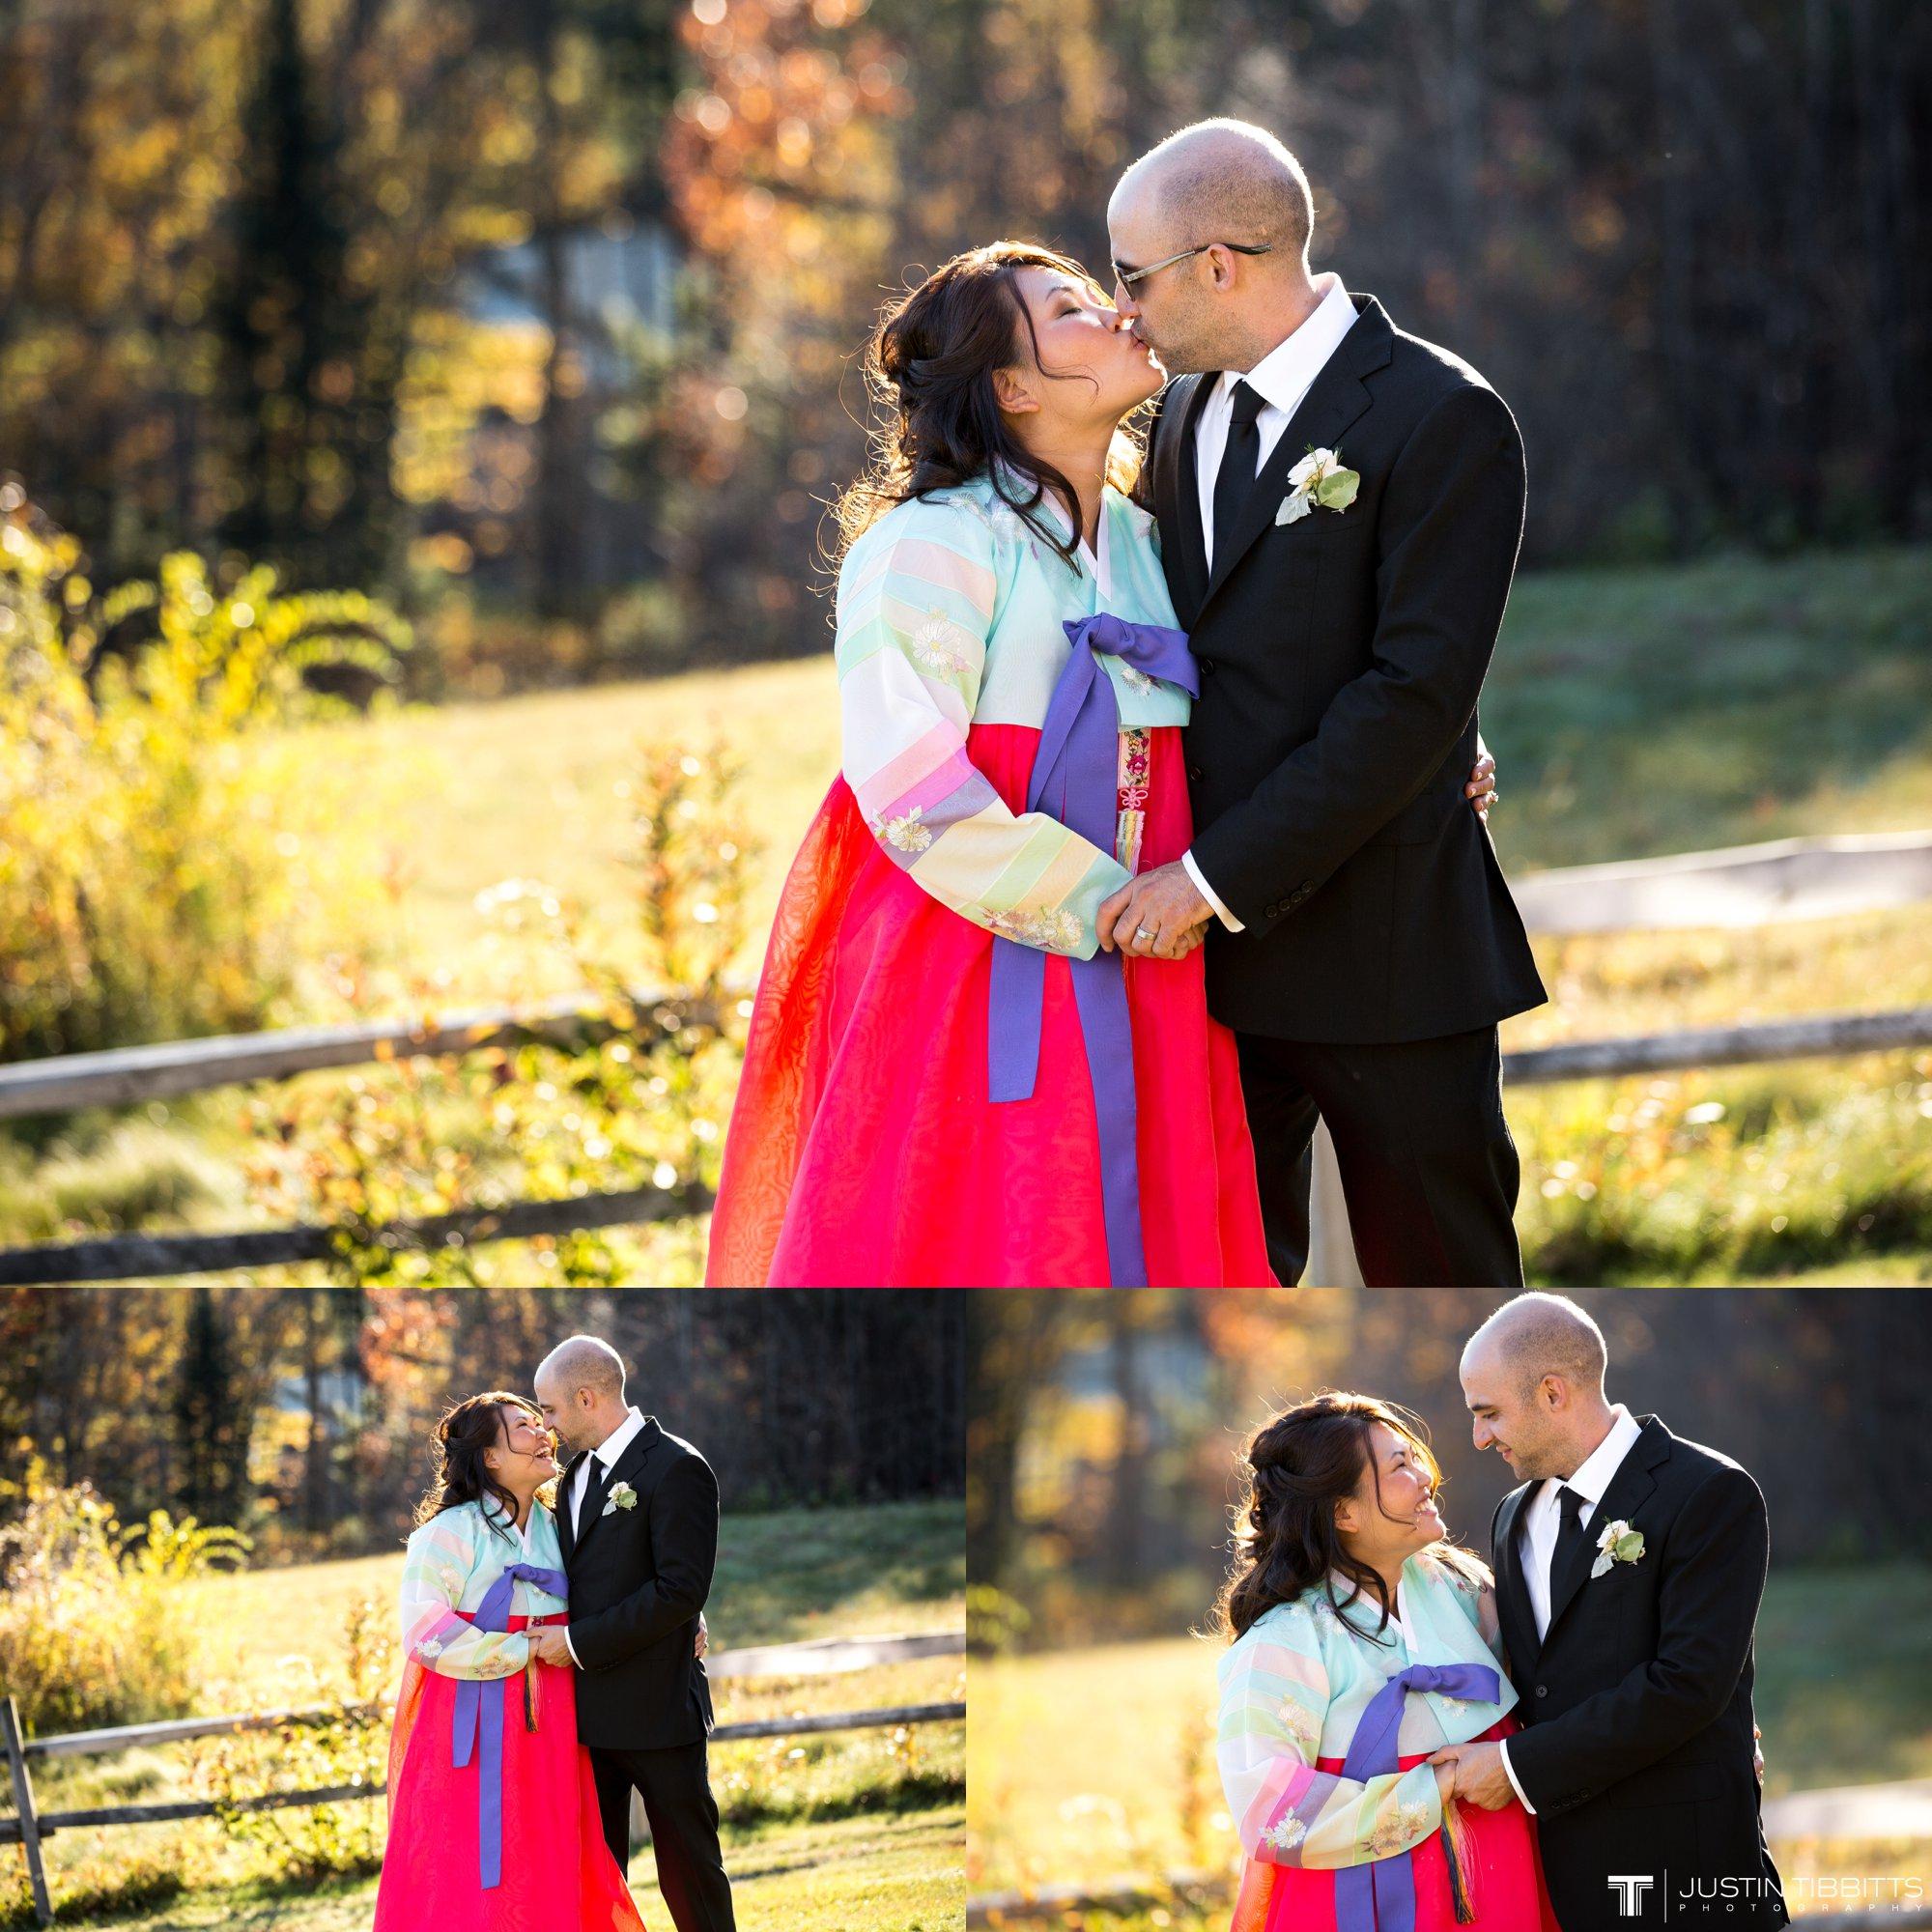 Albany NY Wedding Photographer Justin Tibbitts Photography 2014 Best of Albany NY Weddings-3532166